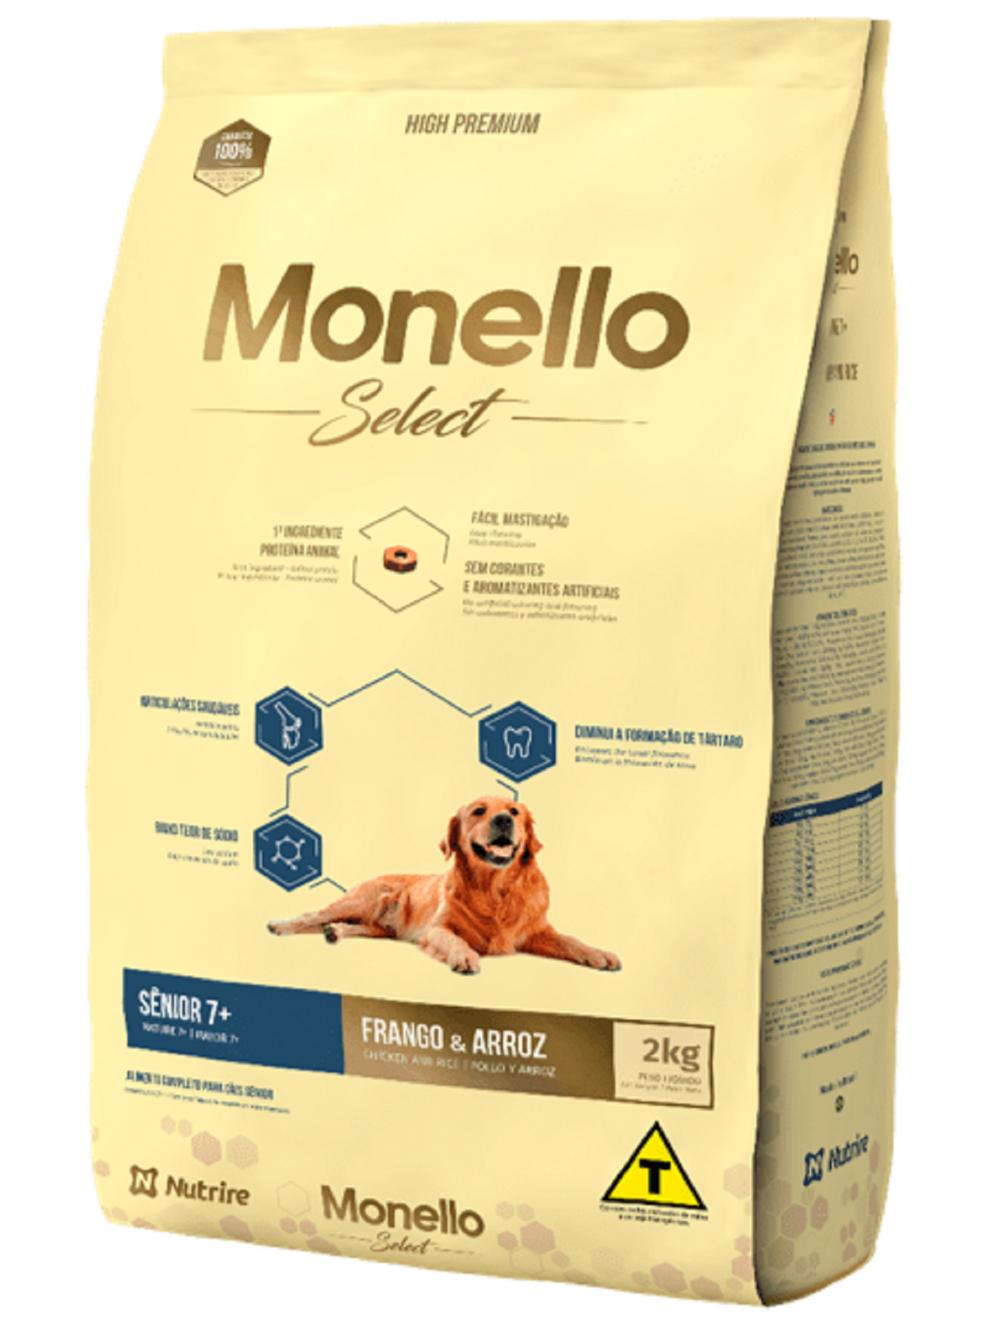 Monello Select Dog Senior 7+